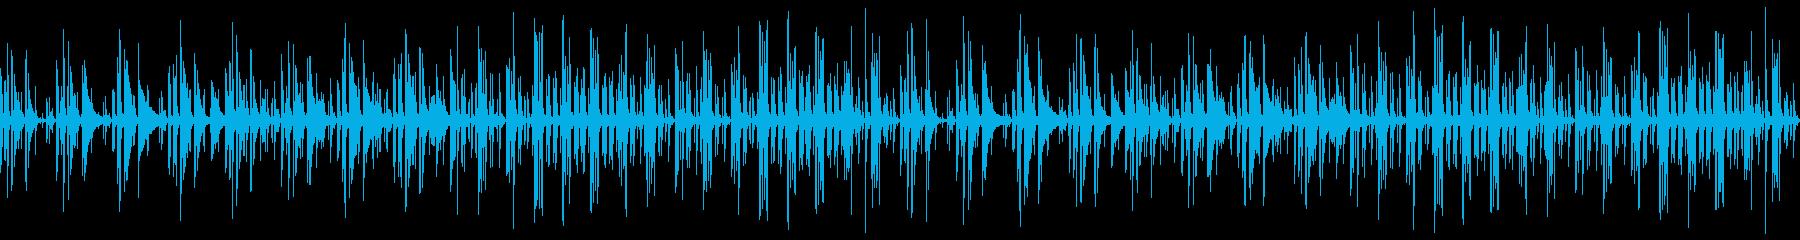 動画向けピアノと木琴鉄琴のほのぼの日常の再生済みの波形